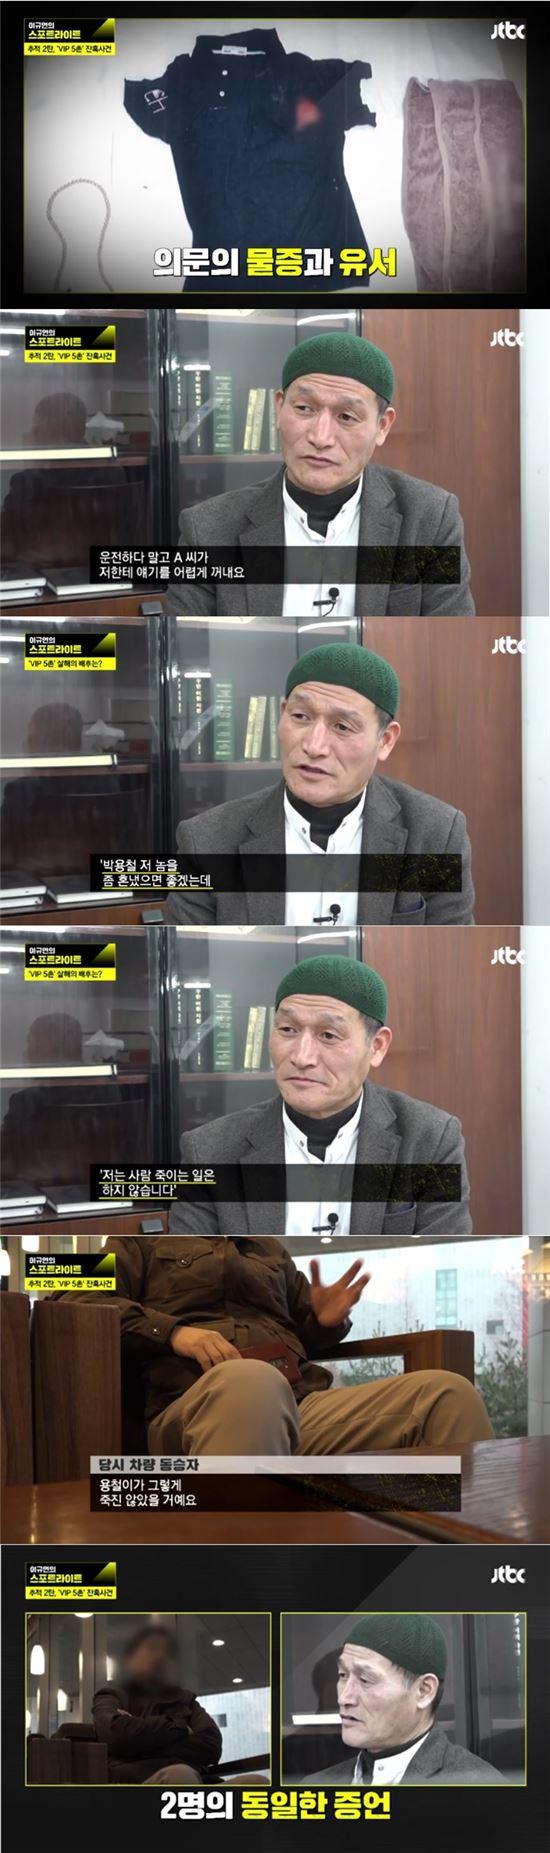 5일 방송된 JTBC '이규연의 스포트라이트'에서는 박근혜 대통령의 5촌인 박용수, 박용철 사망 사건을 재조명했다./사진=JTBC '이규연의 스포트라이트' 방송화면 캡처